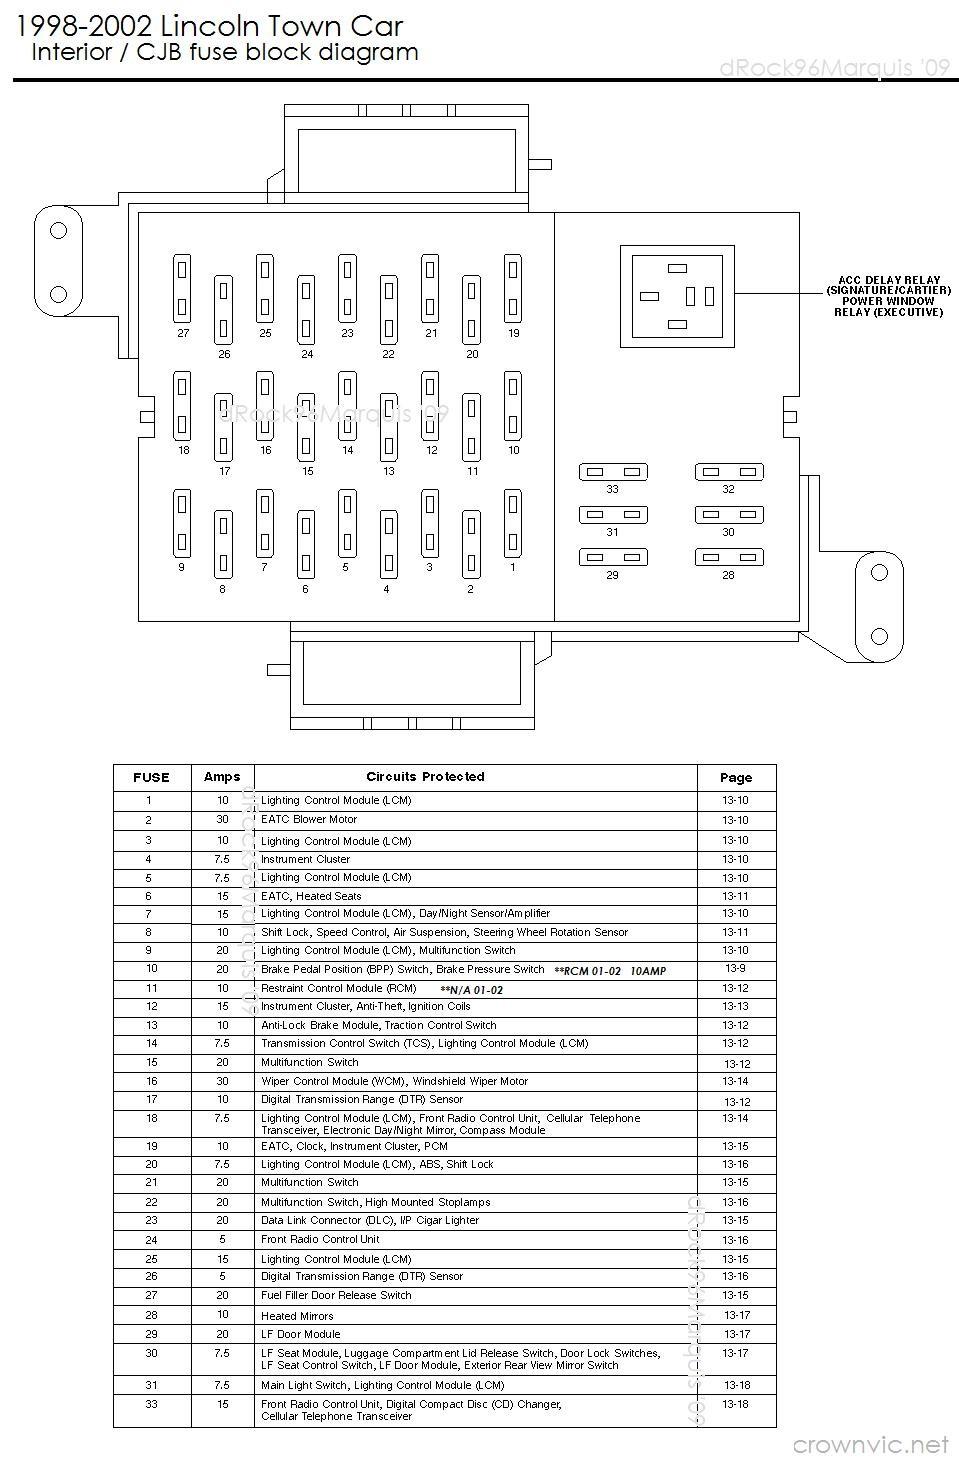 1998 Lincoln Town Car Fuse Box Diagram : lincoln, diagram, Lincoln, Diagram, Wiring, Export, Wood-realize, Wood-realize.congressosifo2018.it